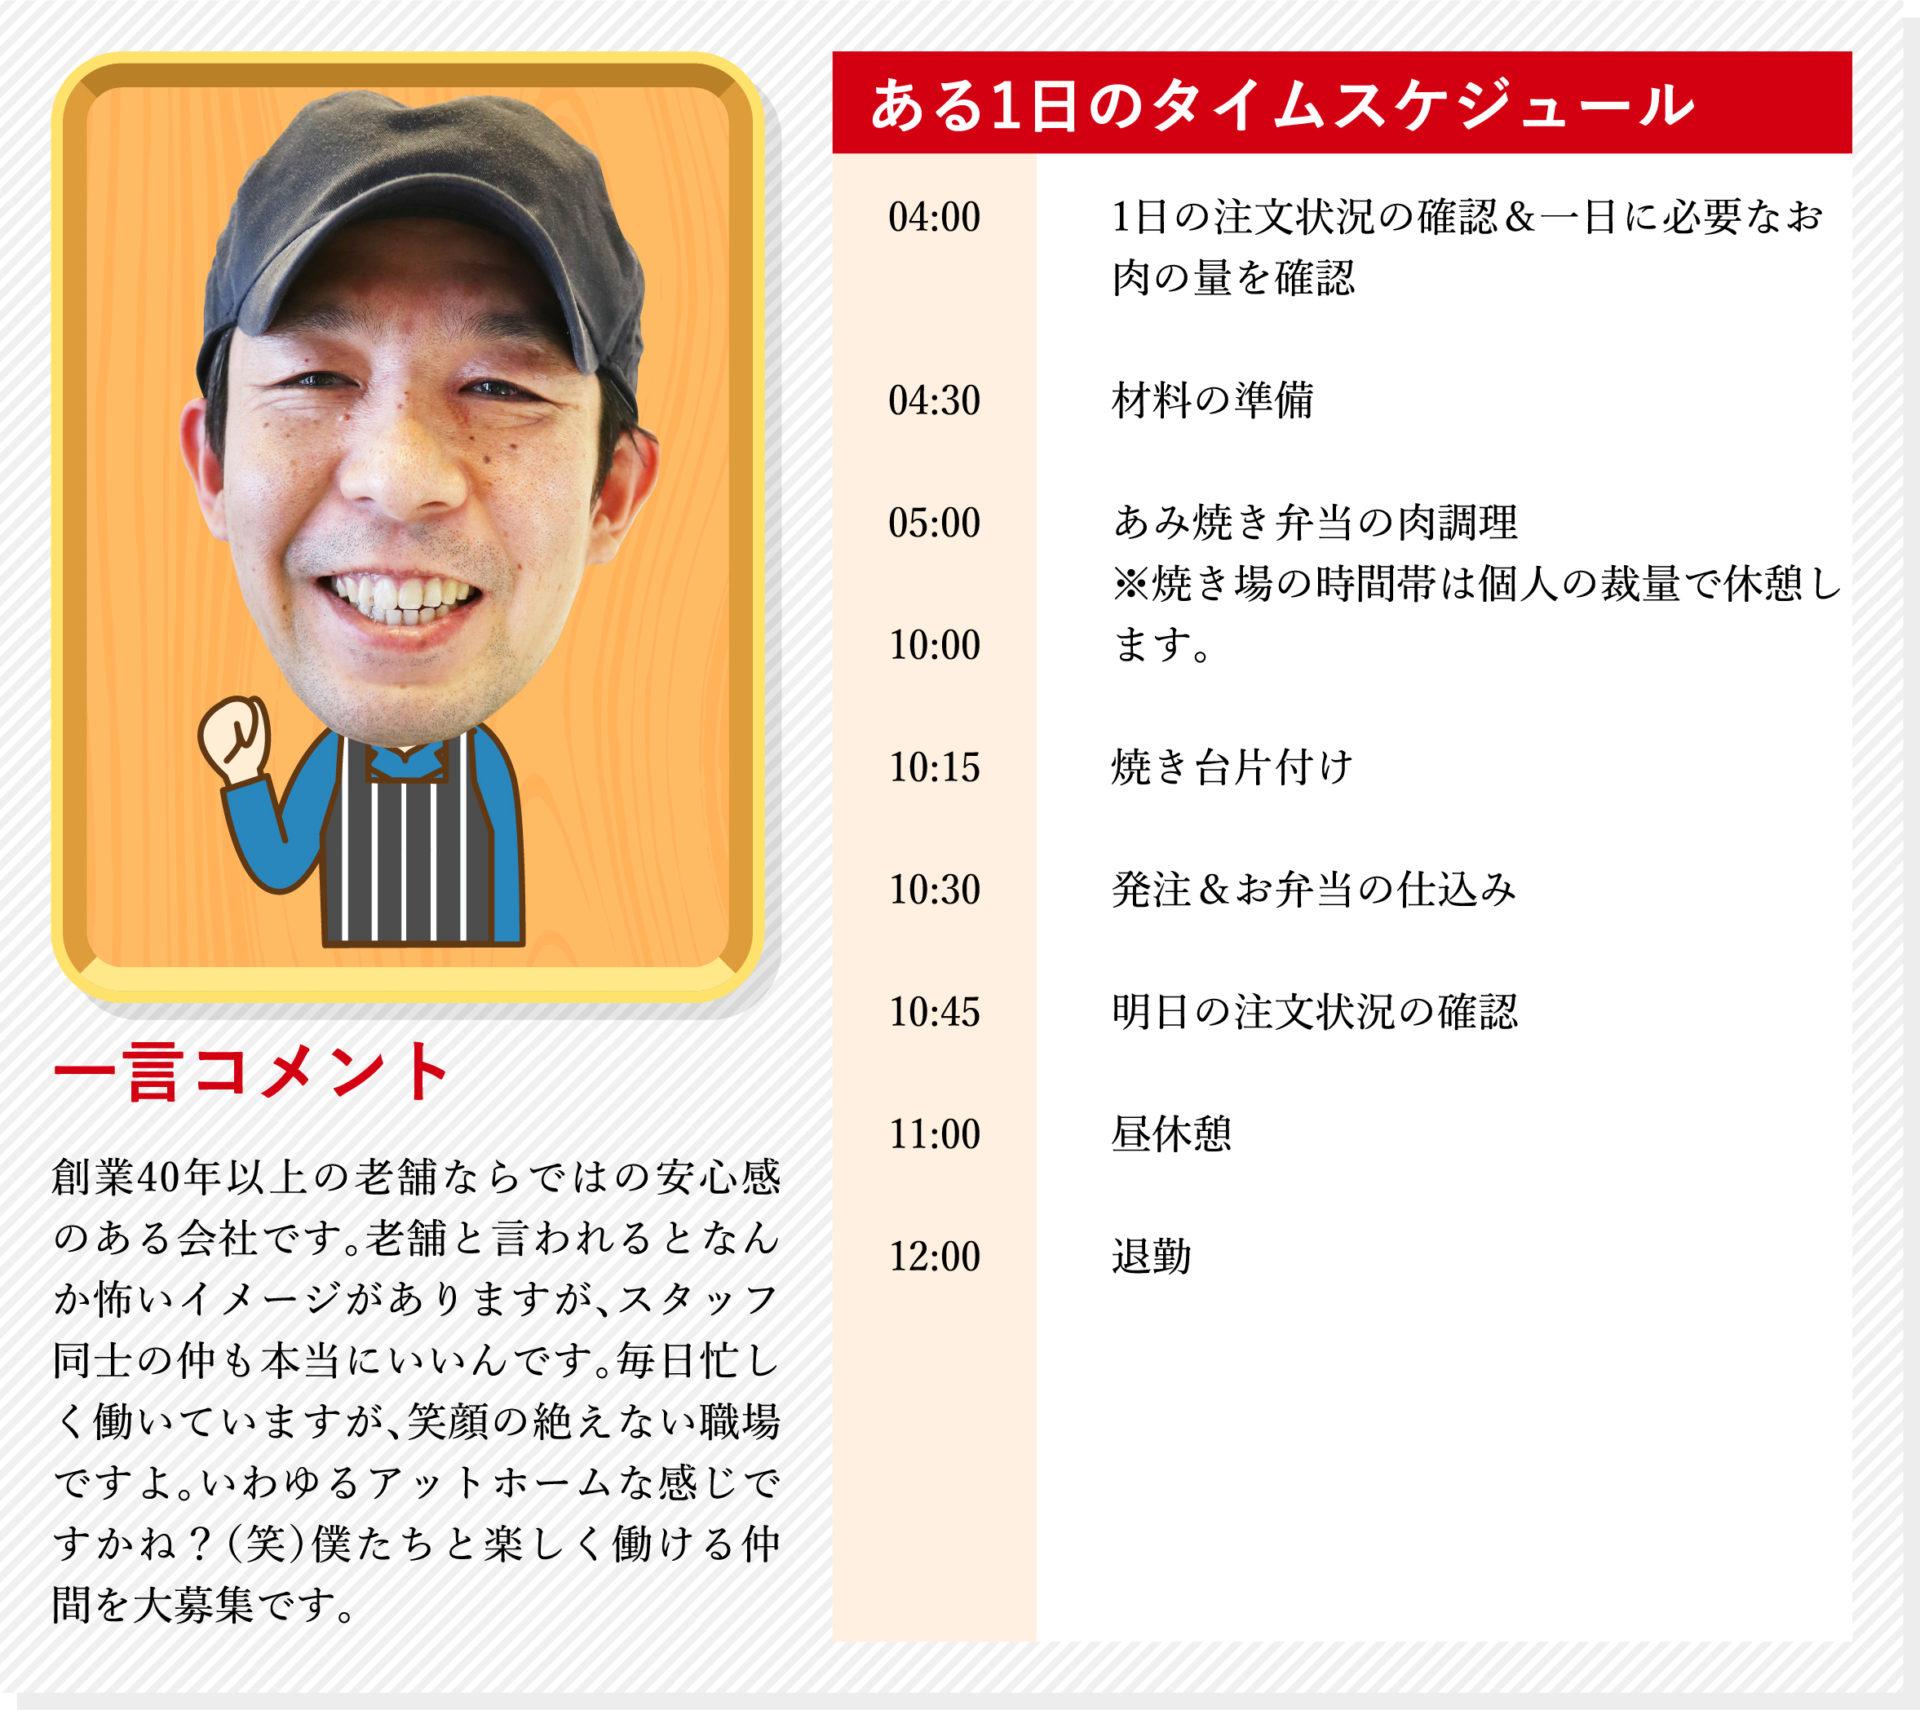 あみ焼き担当伊藤賢一のスケジュール